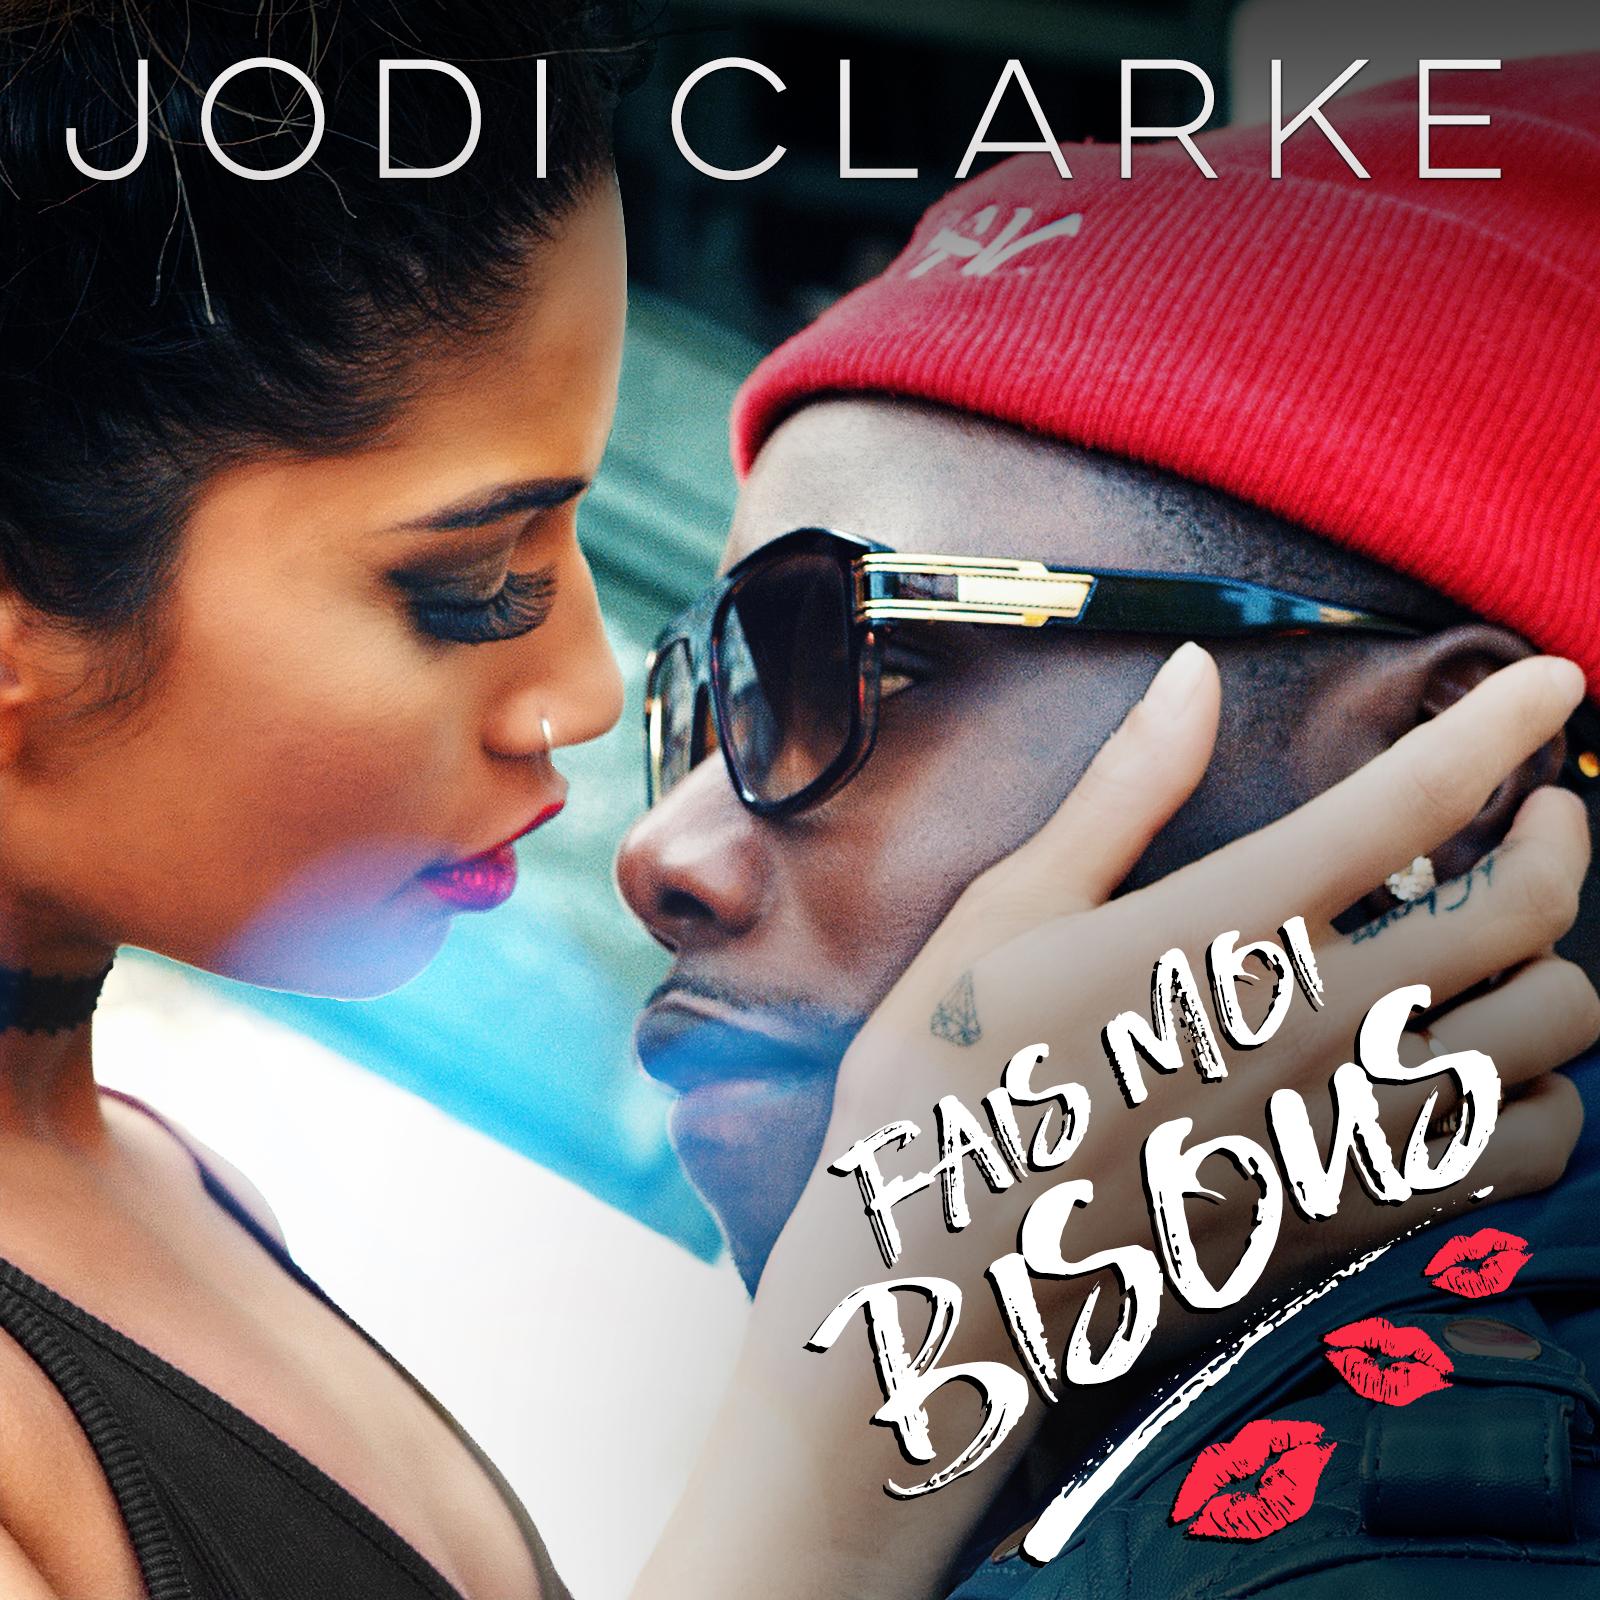 Jodi Clarke – Beautiful Something (Fais Moi Bisous)